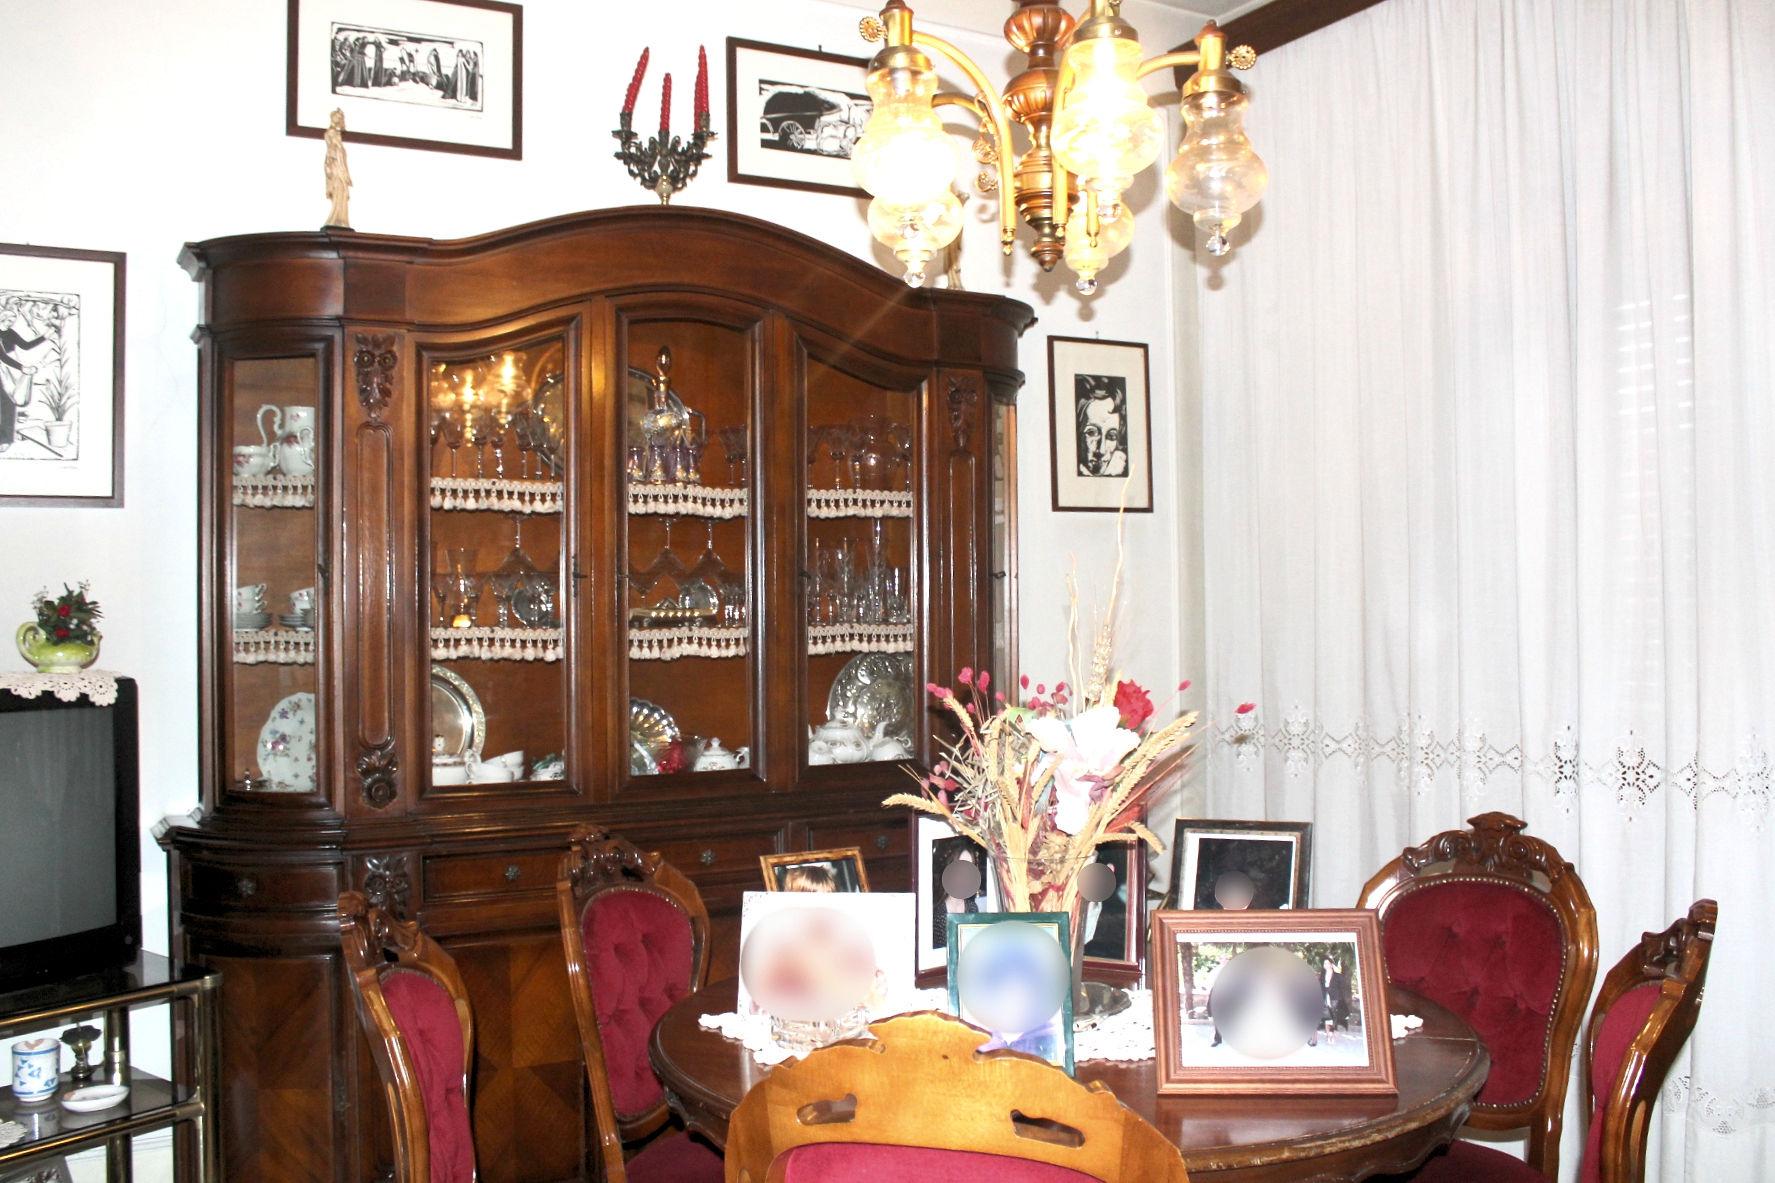 Foto - Villetta A Schiera In Vendita Viareggio (lu)